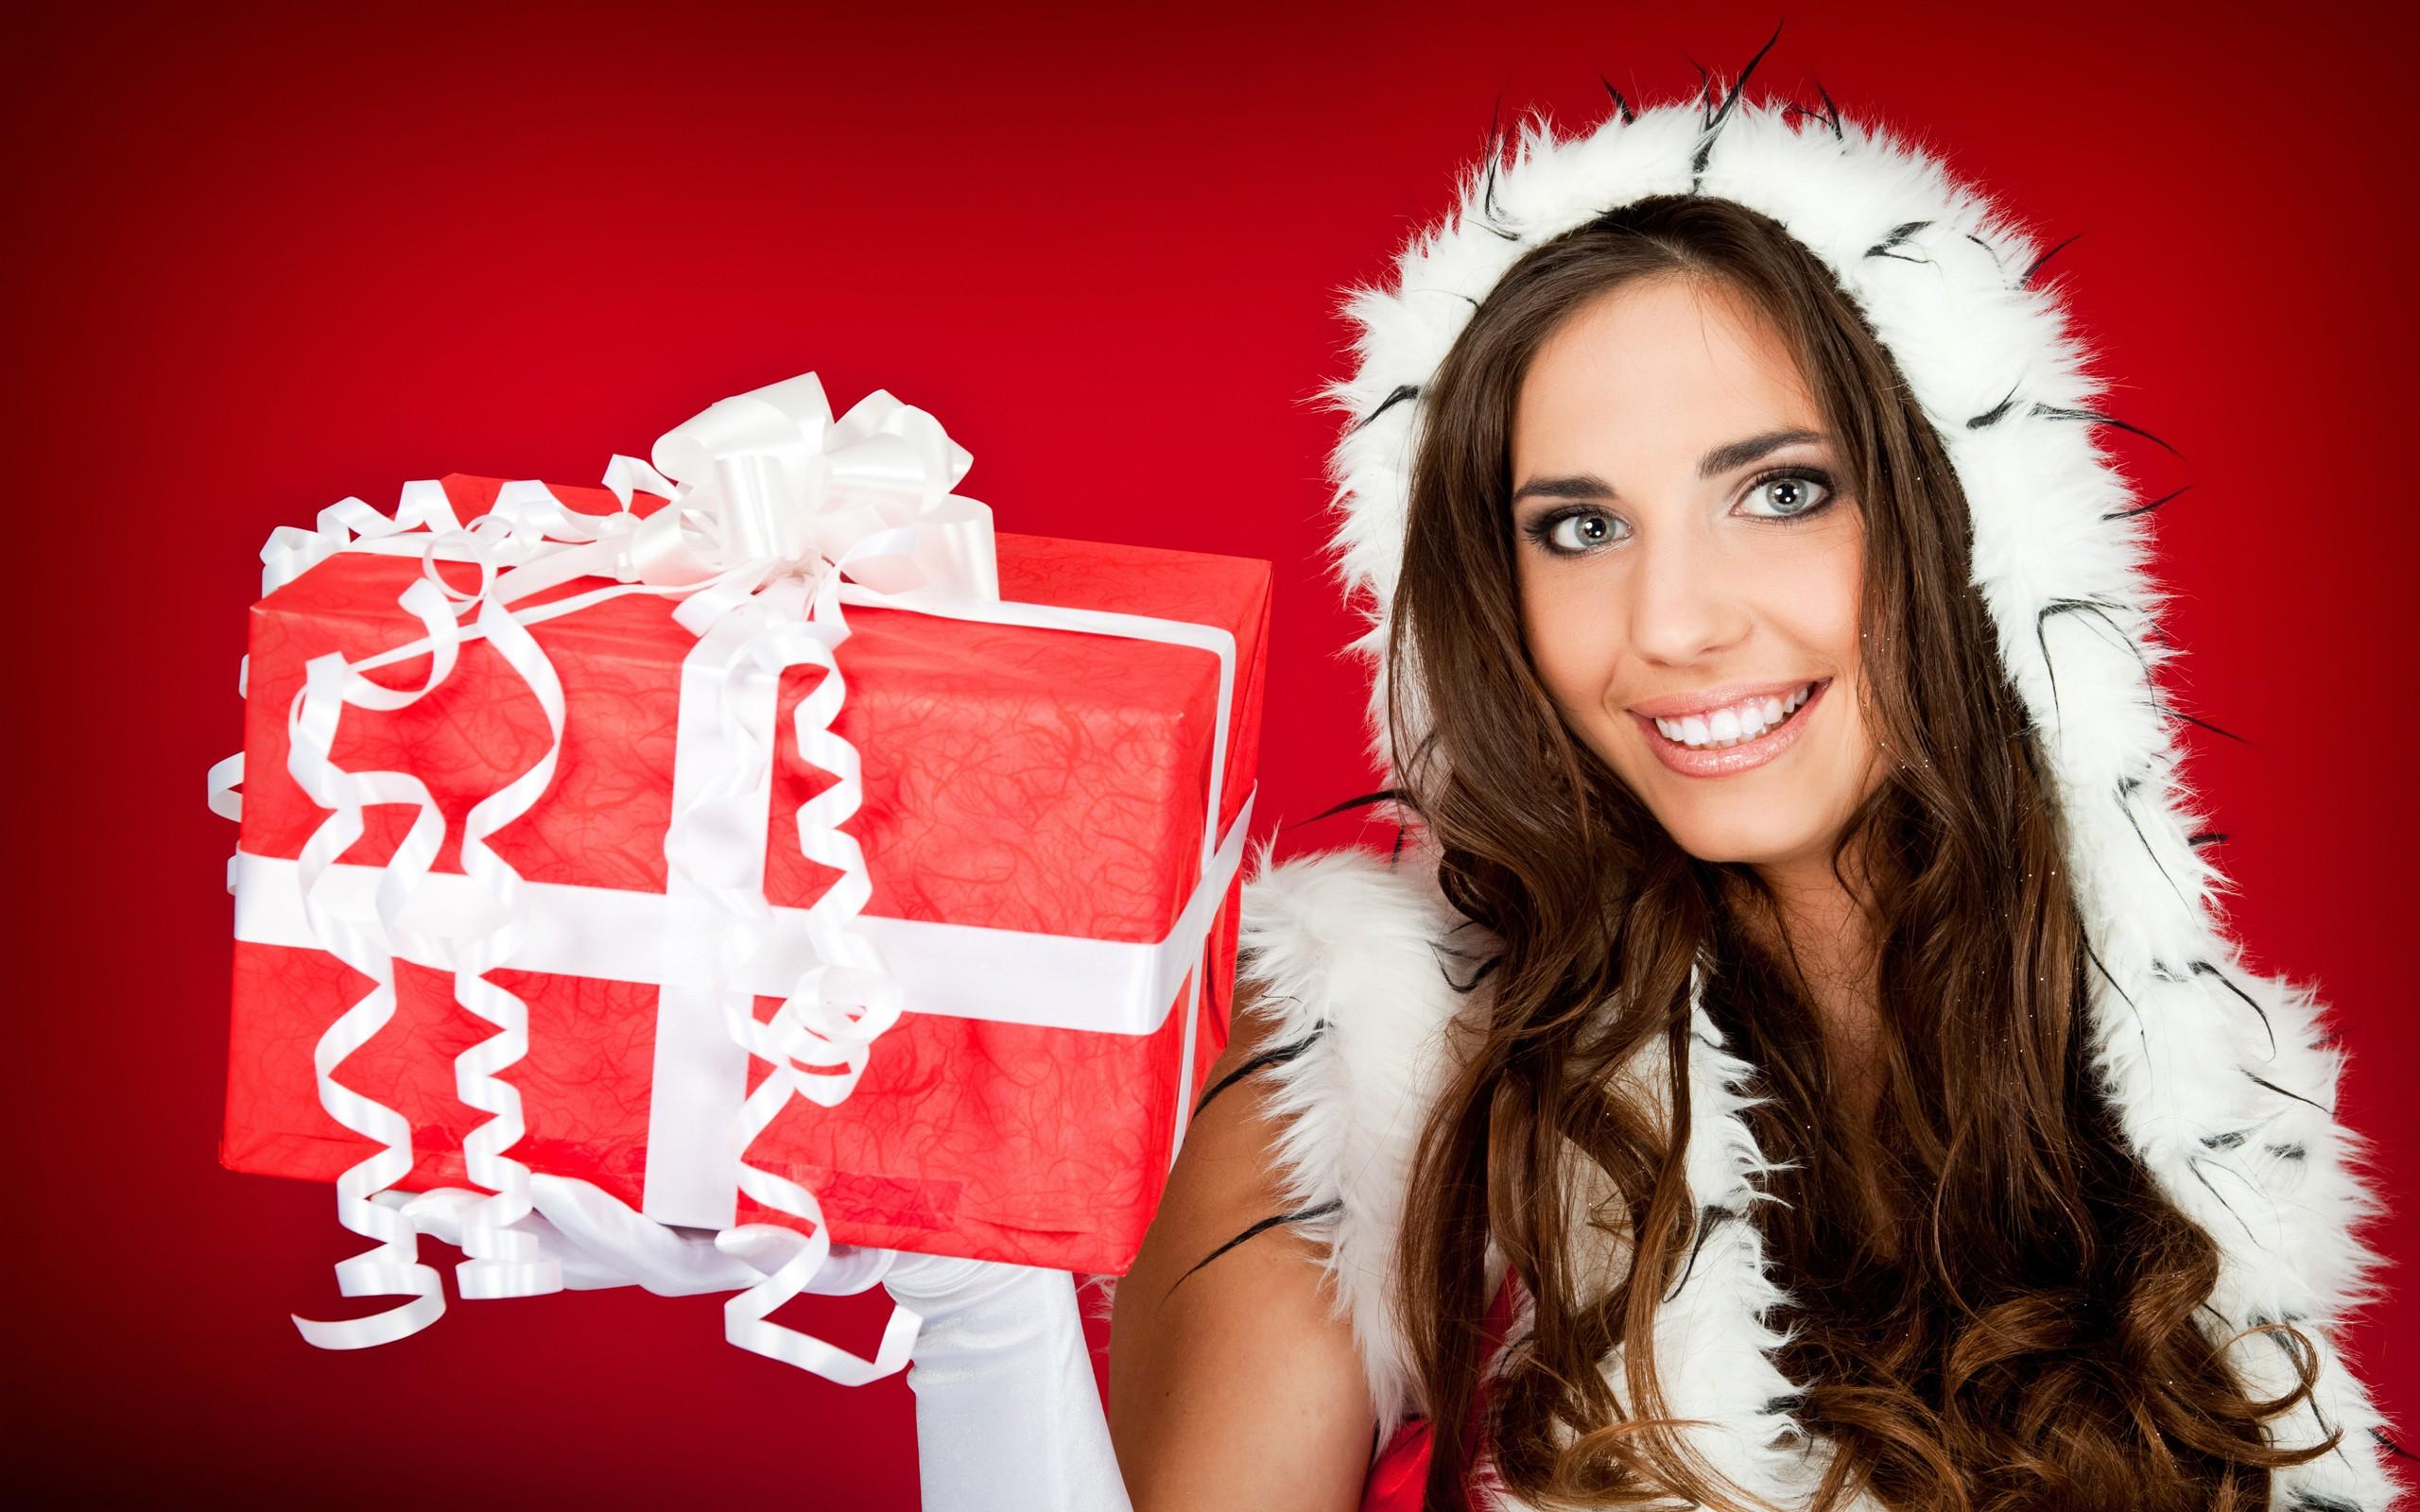 Una hermosa mujer con su regalo para navidad - 2560x1600